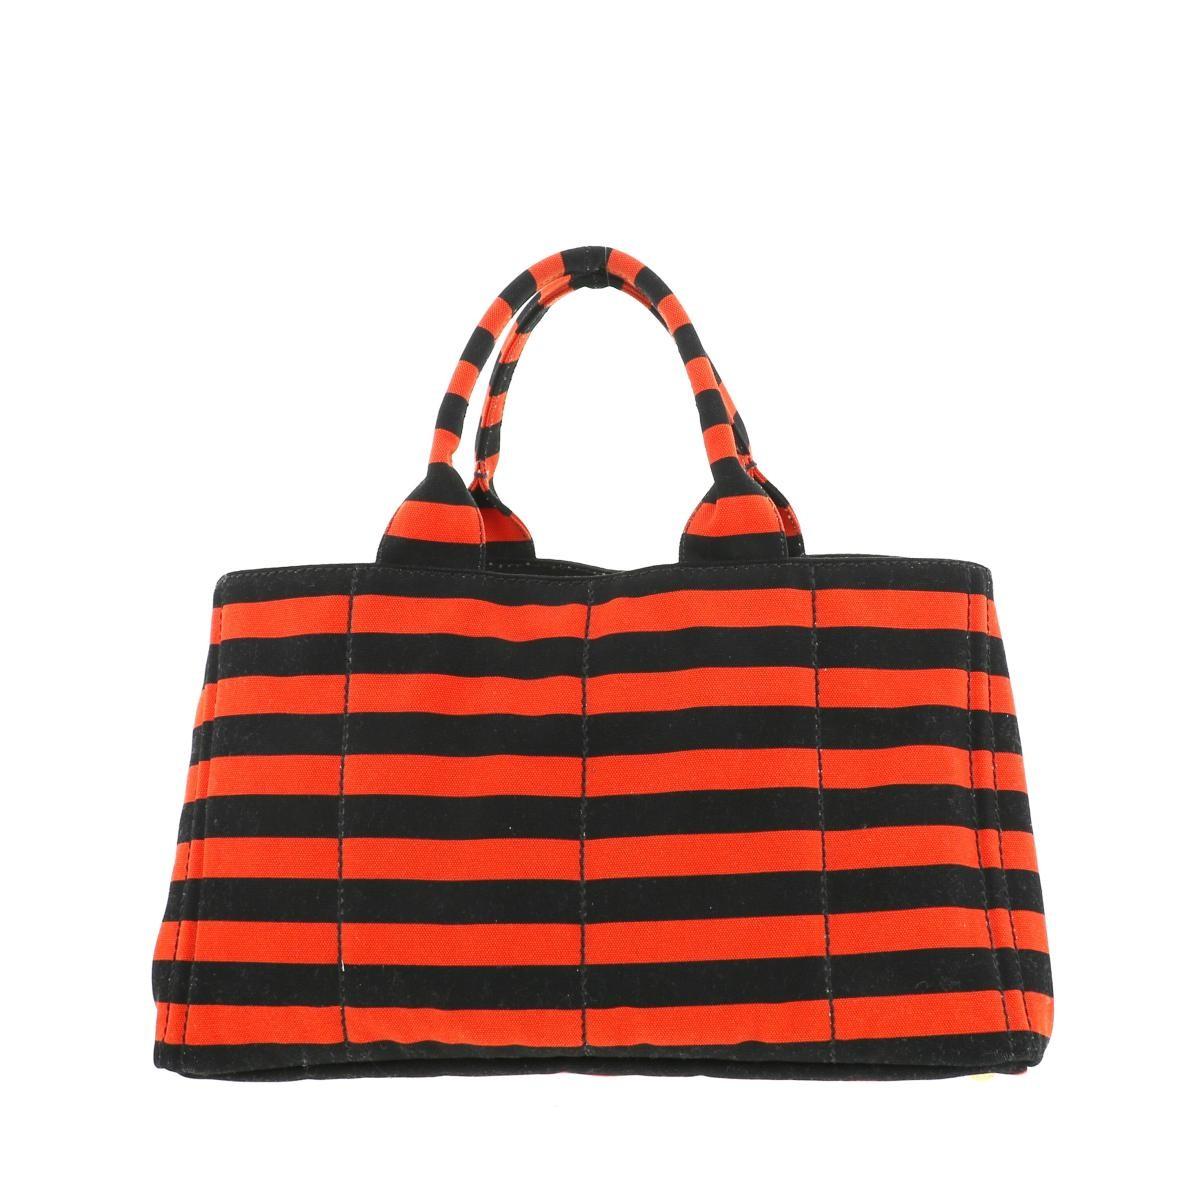 【SALE】【中古】 PRADA プラダ カナパ ロゴ ショッピング トートバッグ バッグ ハンドバッグ  Orange/オレンジ ブラック ボーダー B1872B used:A